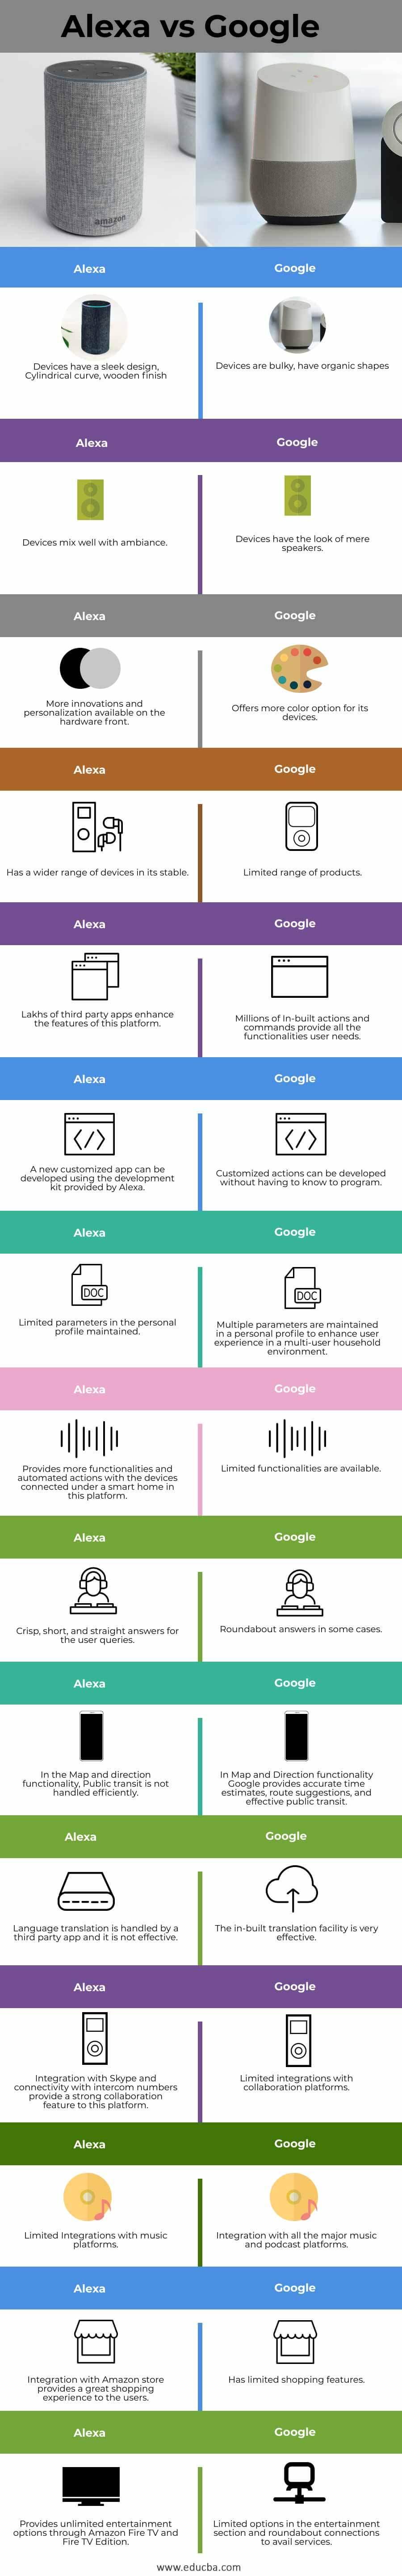 Alexa-vs-Google-info